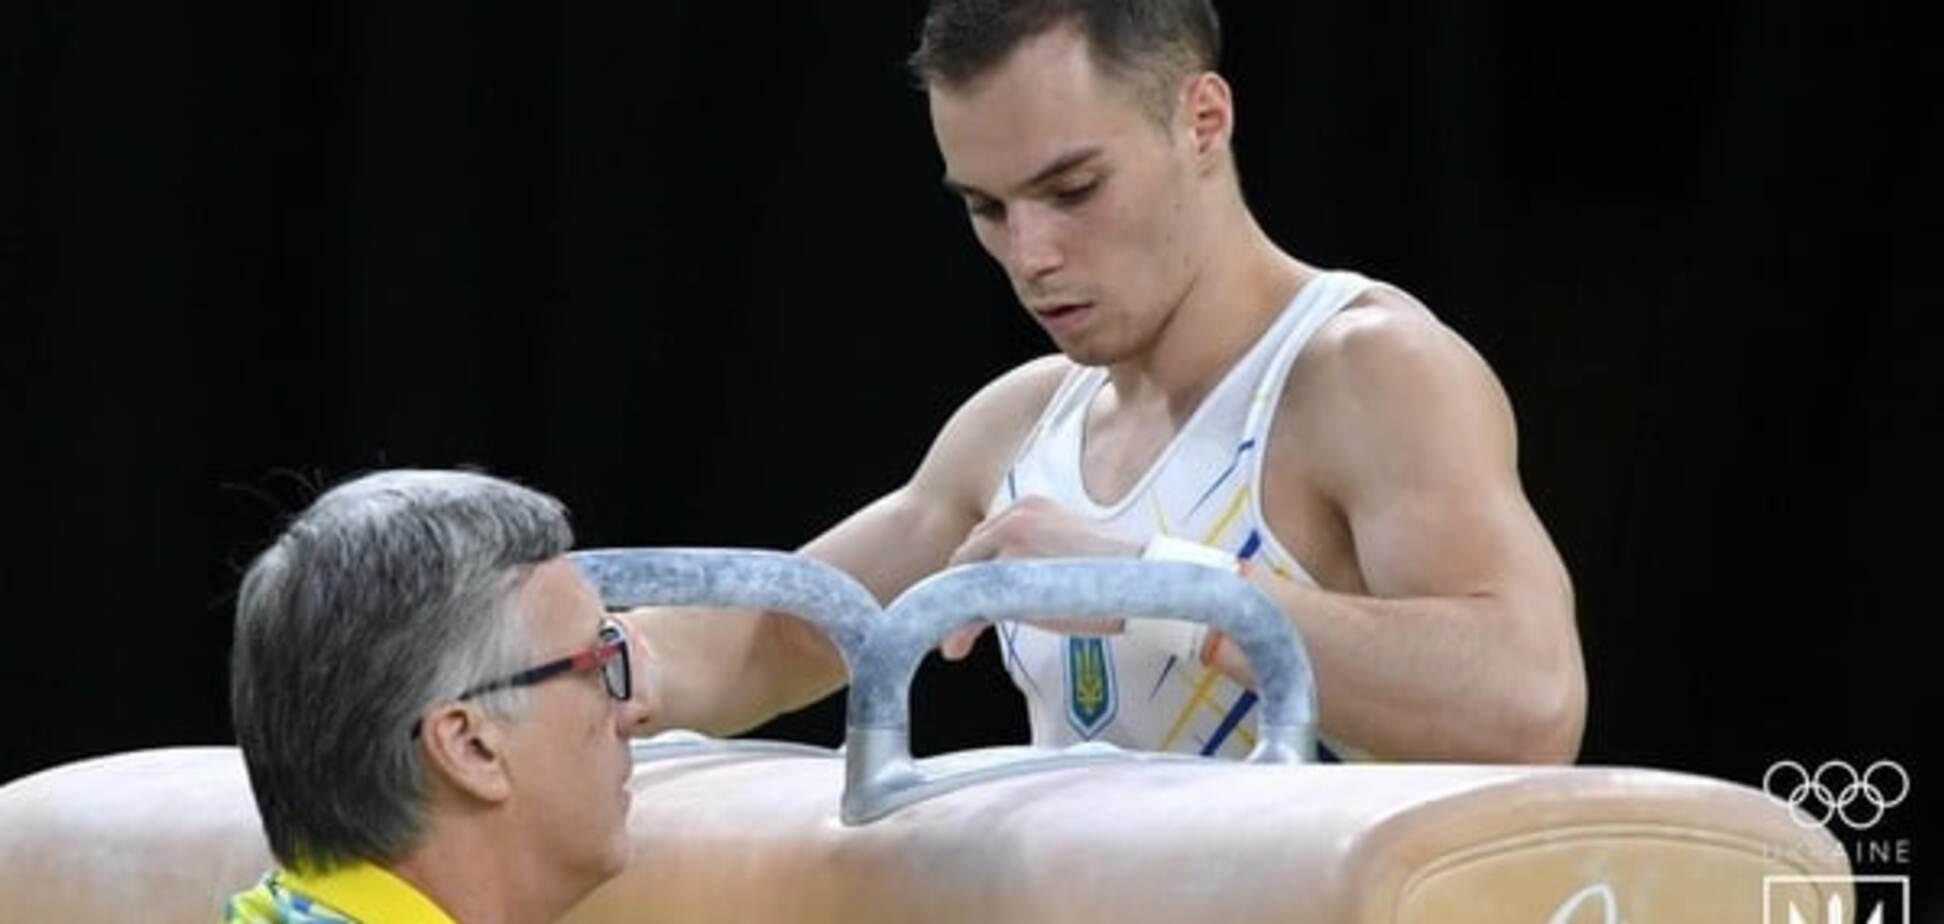 'Скажу коротко': олімпійський чемпіон Верняєв вибачився за 'наїзд' на Кличка